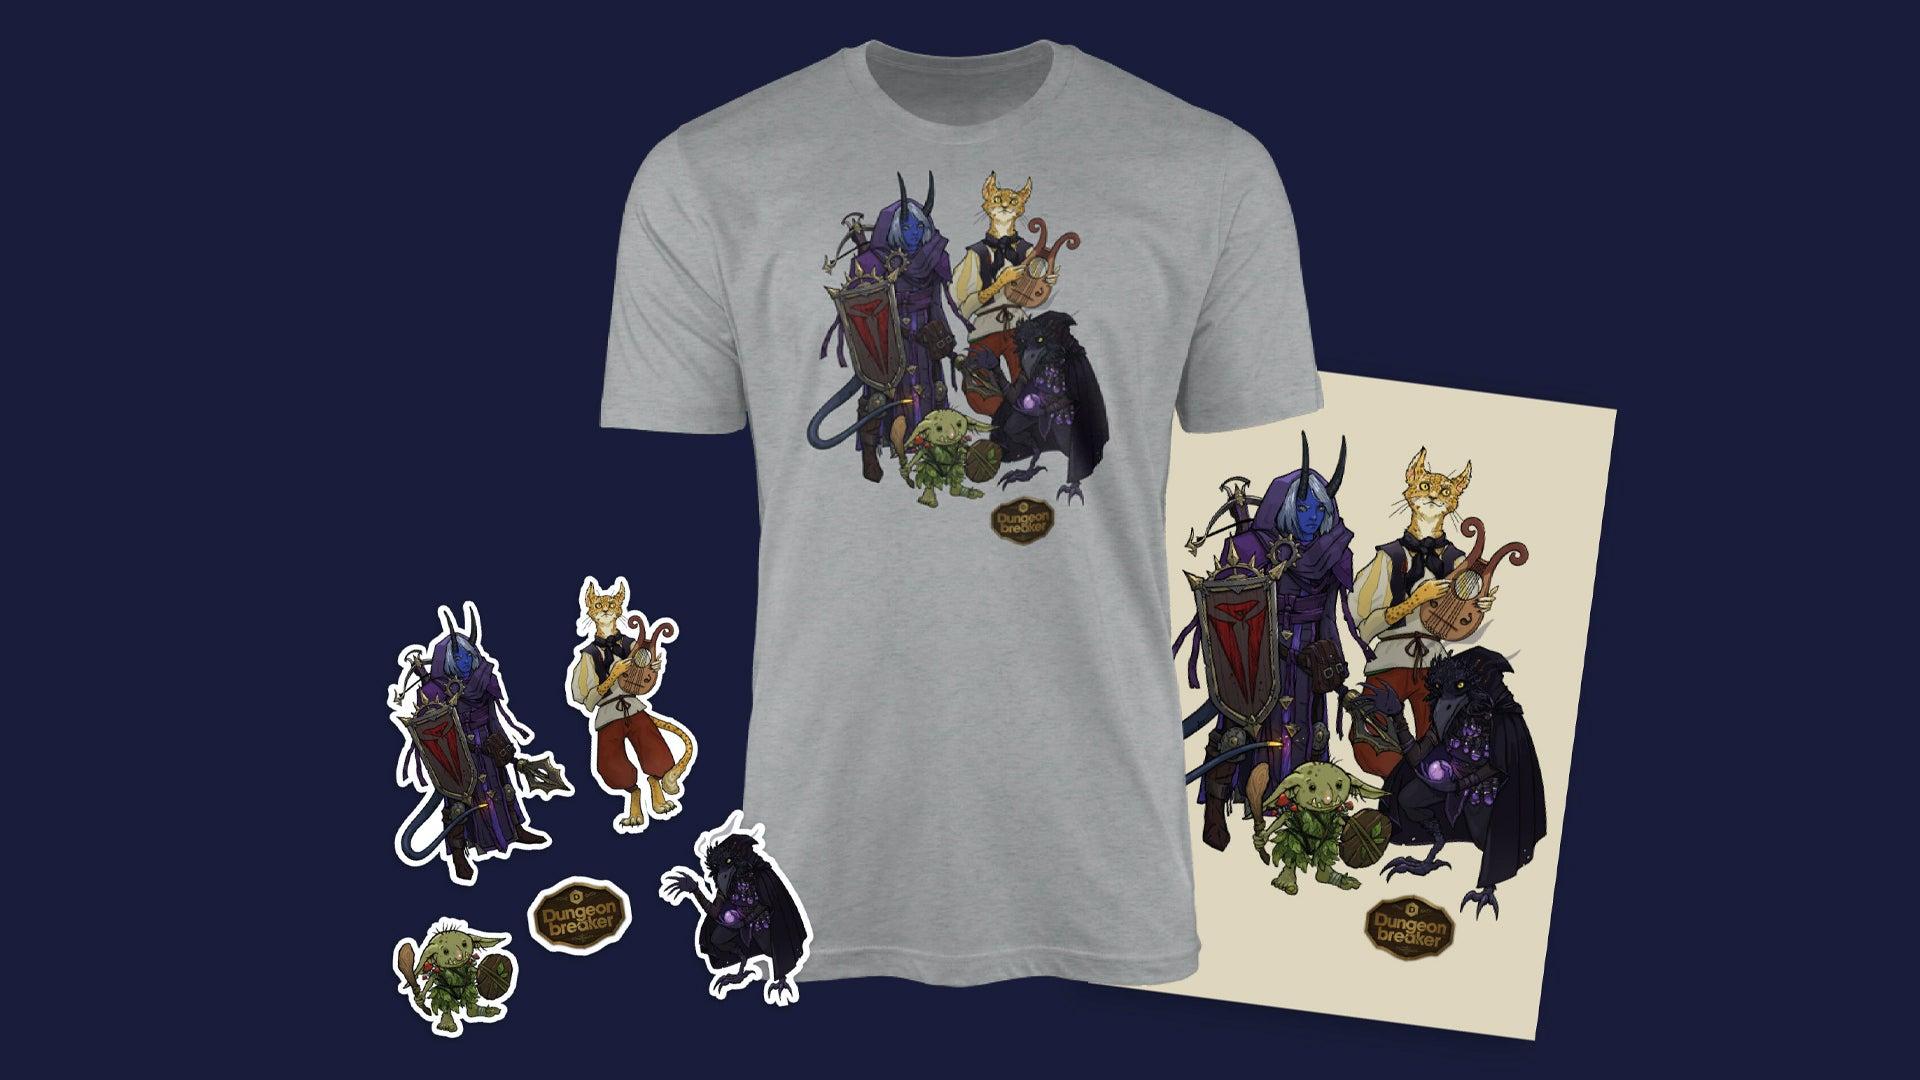 dungeonbreaker-merch-shirt-stickers-poster.jpg